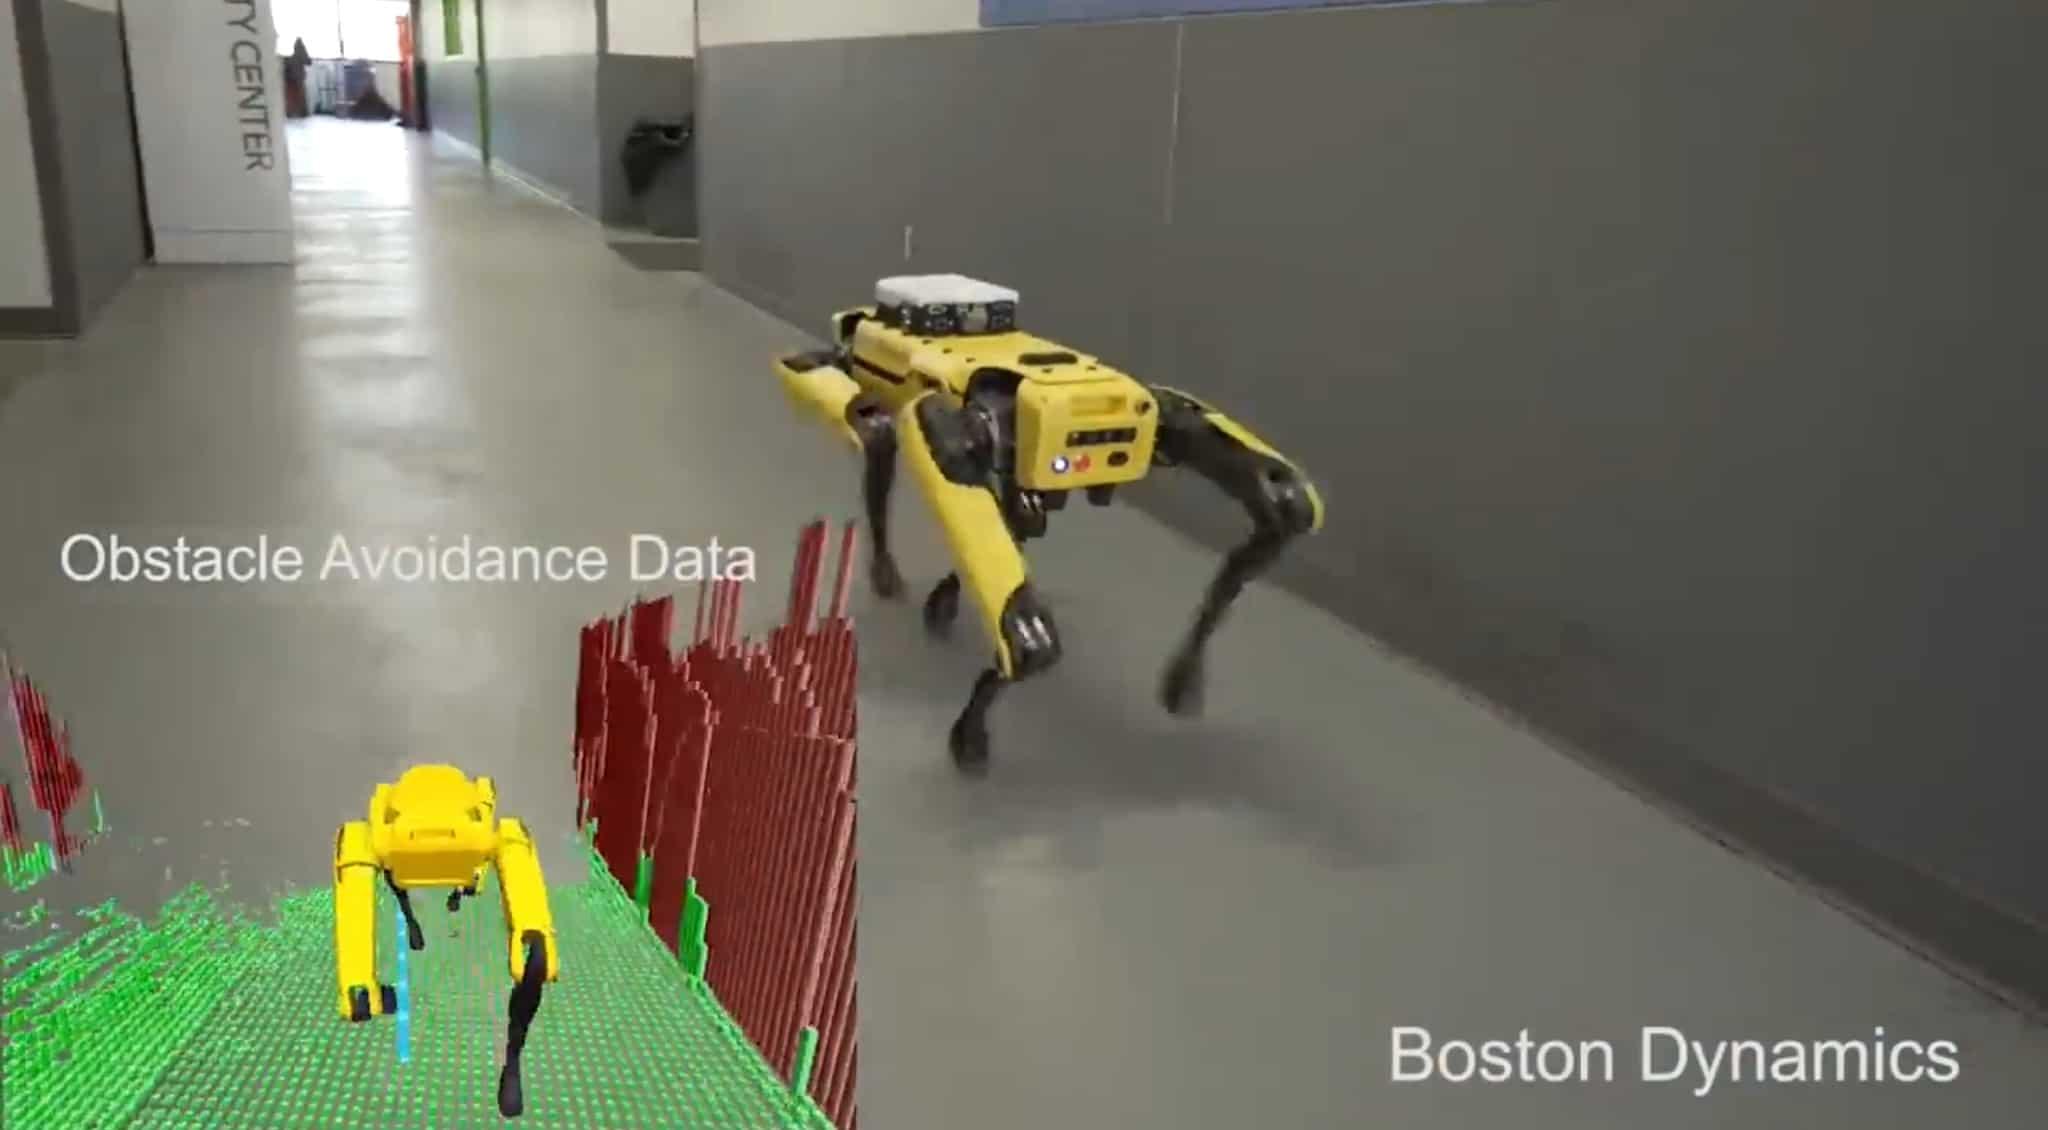 Boston Dynamics демонстрирует как робот ориентируется в пространстве